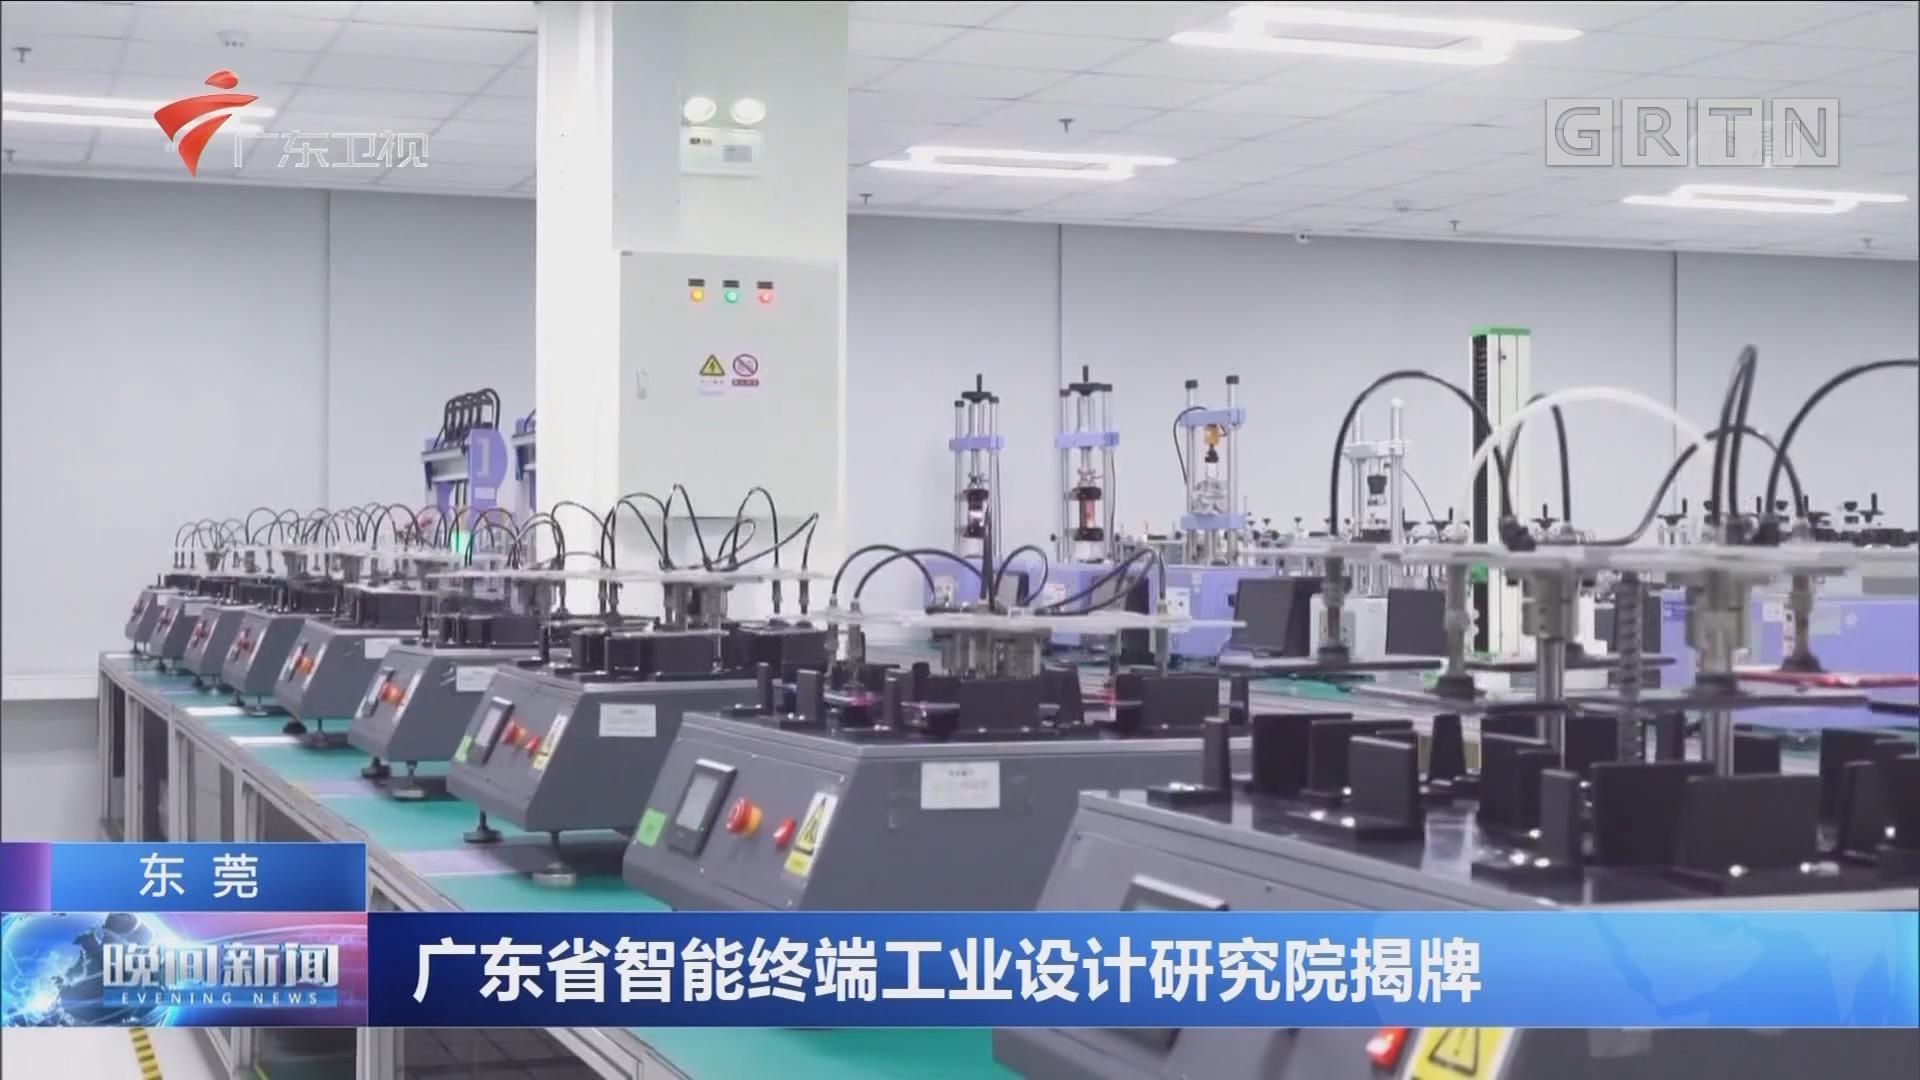 东莞:广东省智能终端工业设计研究院揭牌